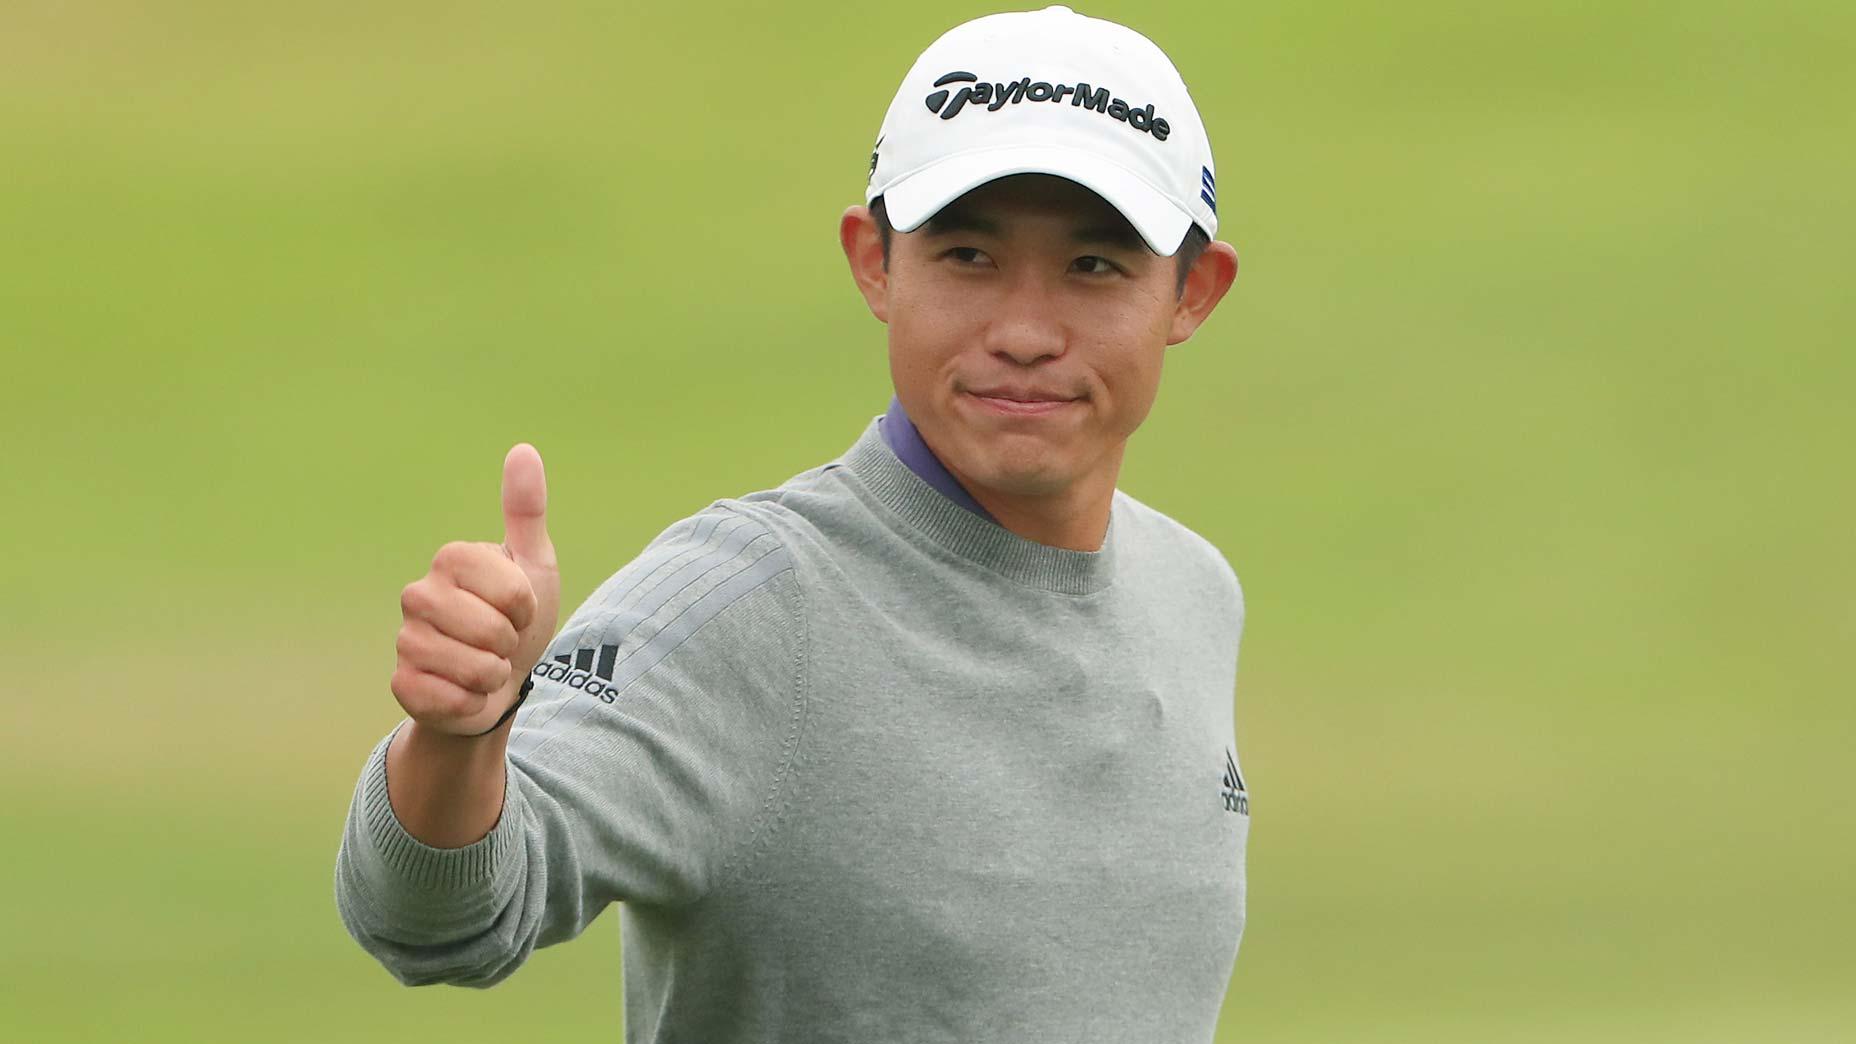 collin morikawa gives a thumbs up